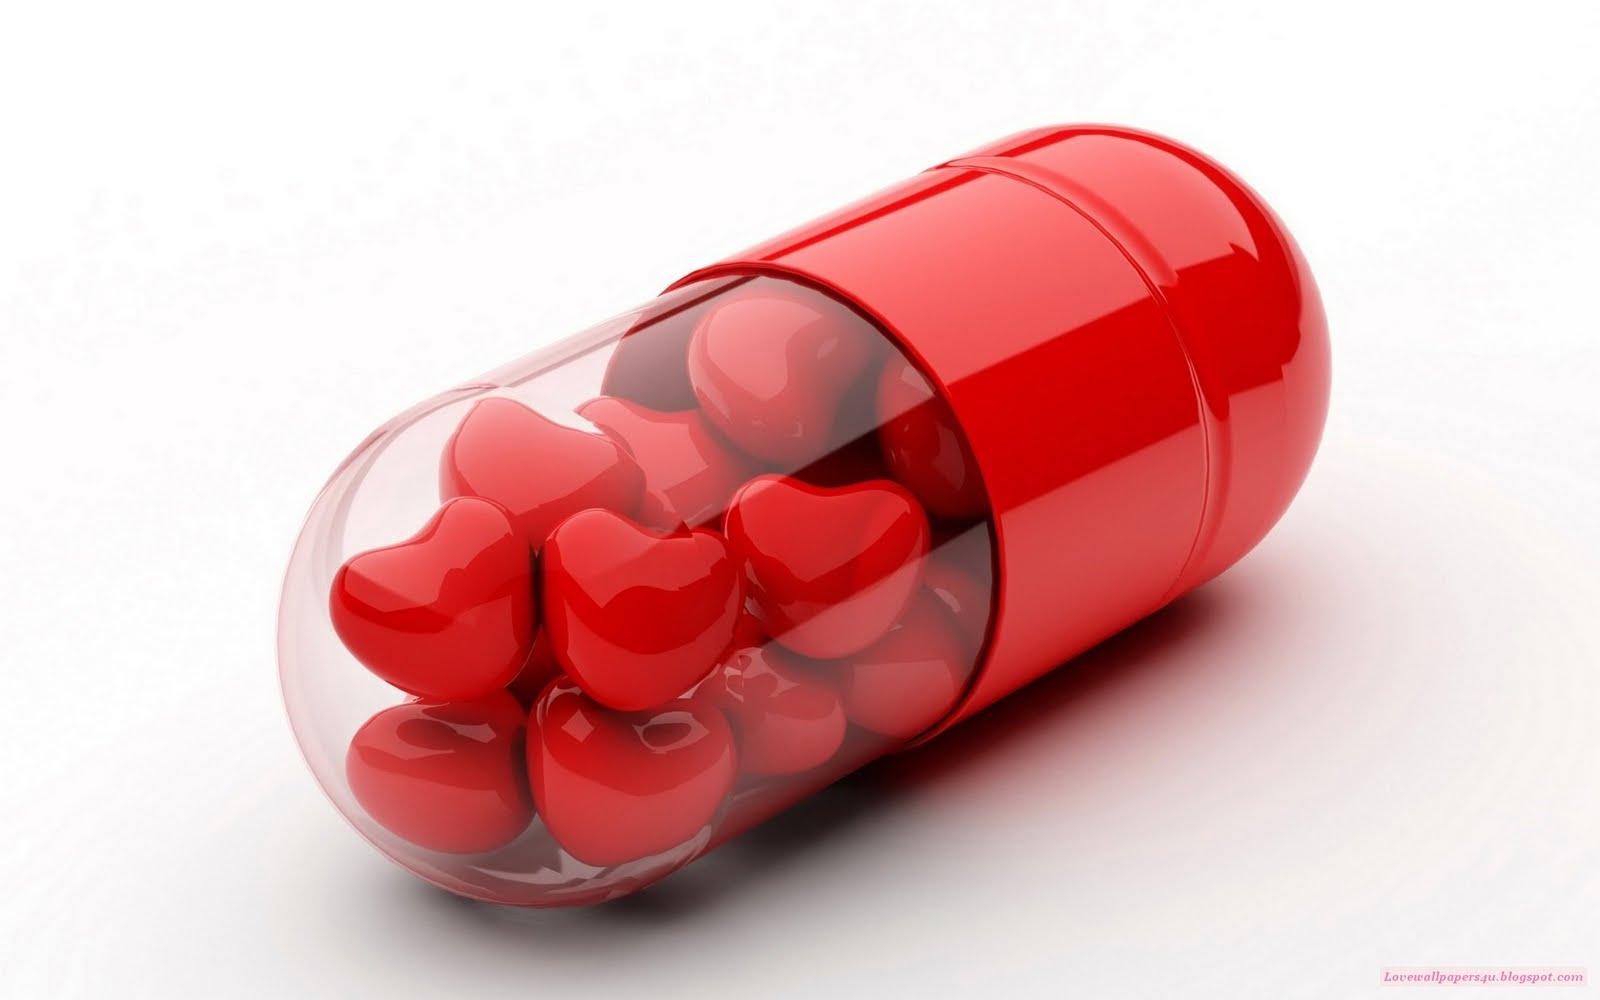 http://3.bp.blogspot.com/-d9i3rgS9CpQ/T72-Ki16KfI/AAAAAAAAAgU/0b8F7CFr_2g/s1600/love-pills_1920x1200.jpg